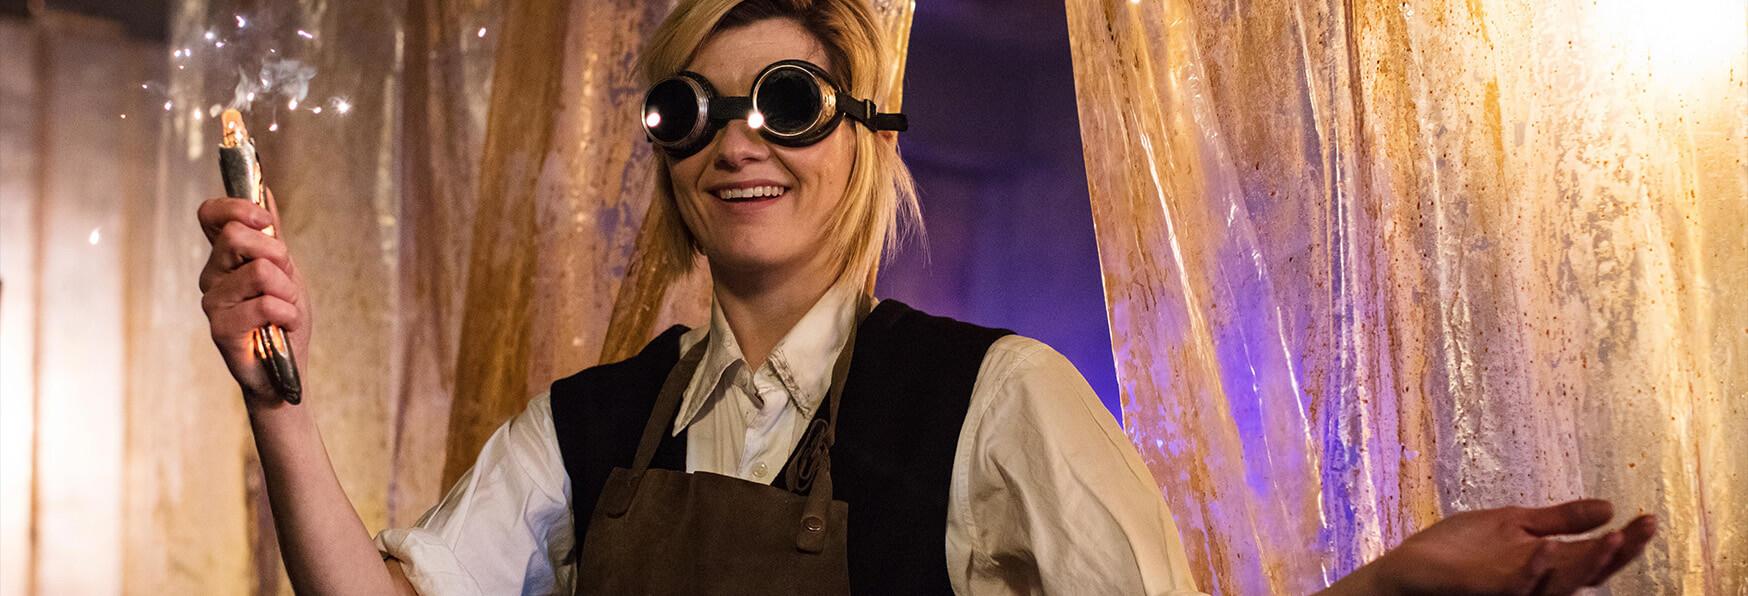 Doctor Who 11: nessun vecchio Nemico. Cosa aspettarsi?